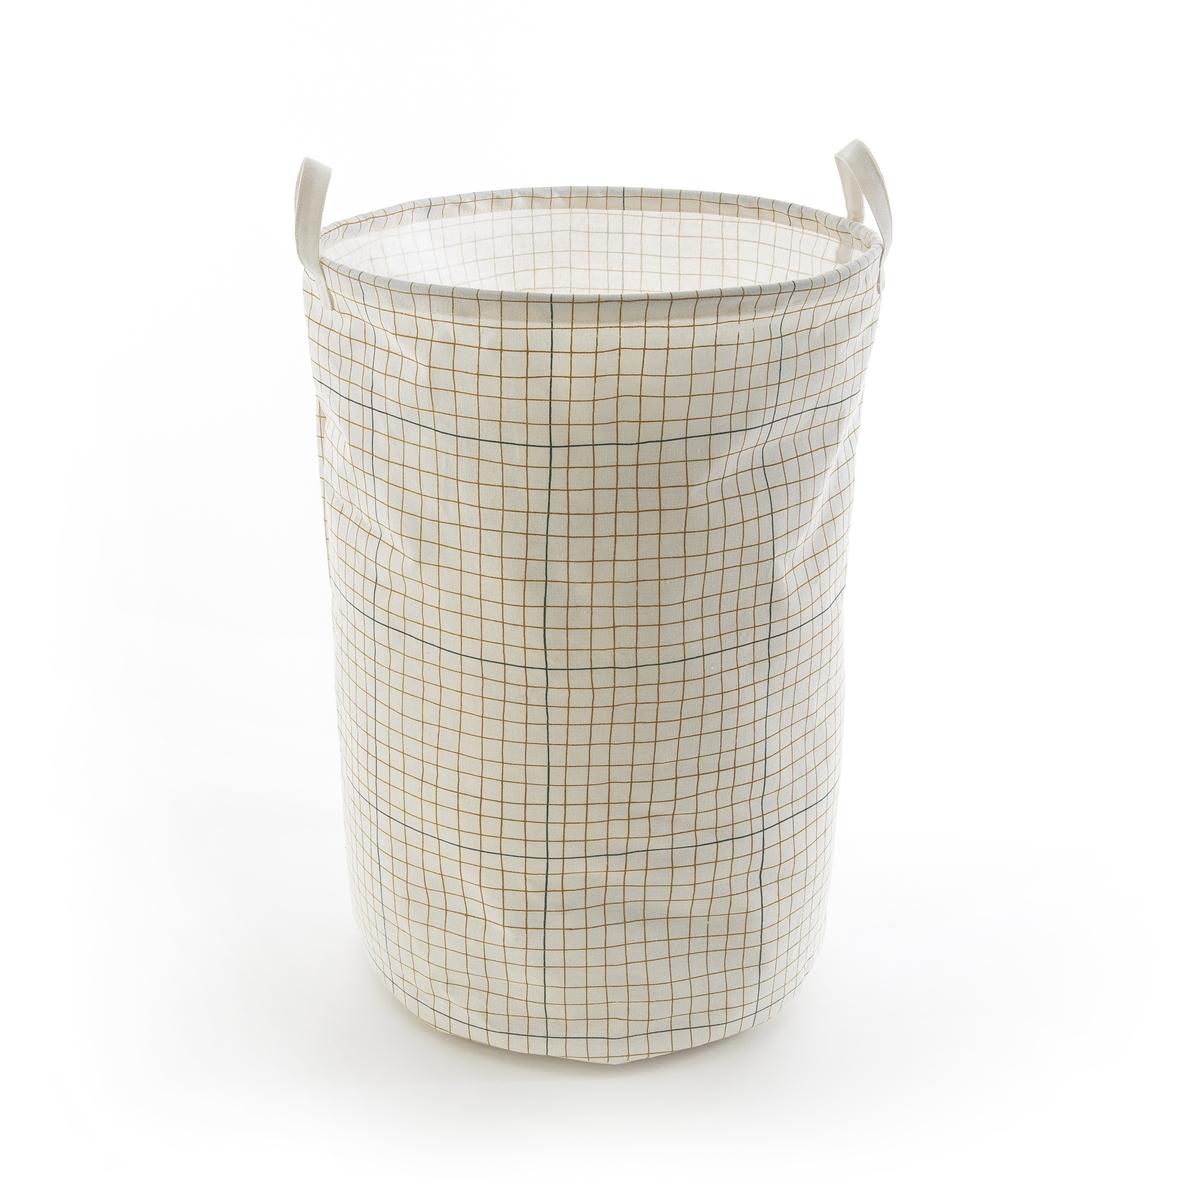 Фото - Корзина LaRedoute Для белья ACAO единый размер другие корзина laredoute для белья из ткани louison единый размер серый